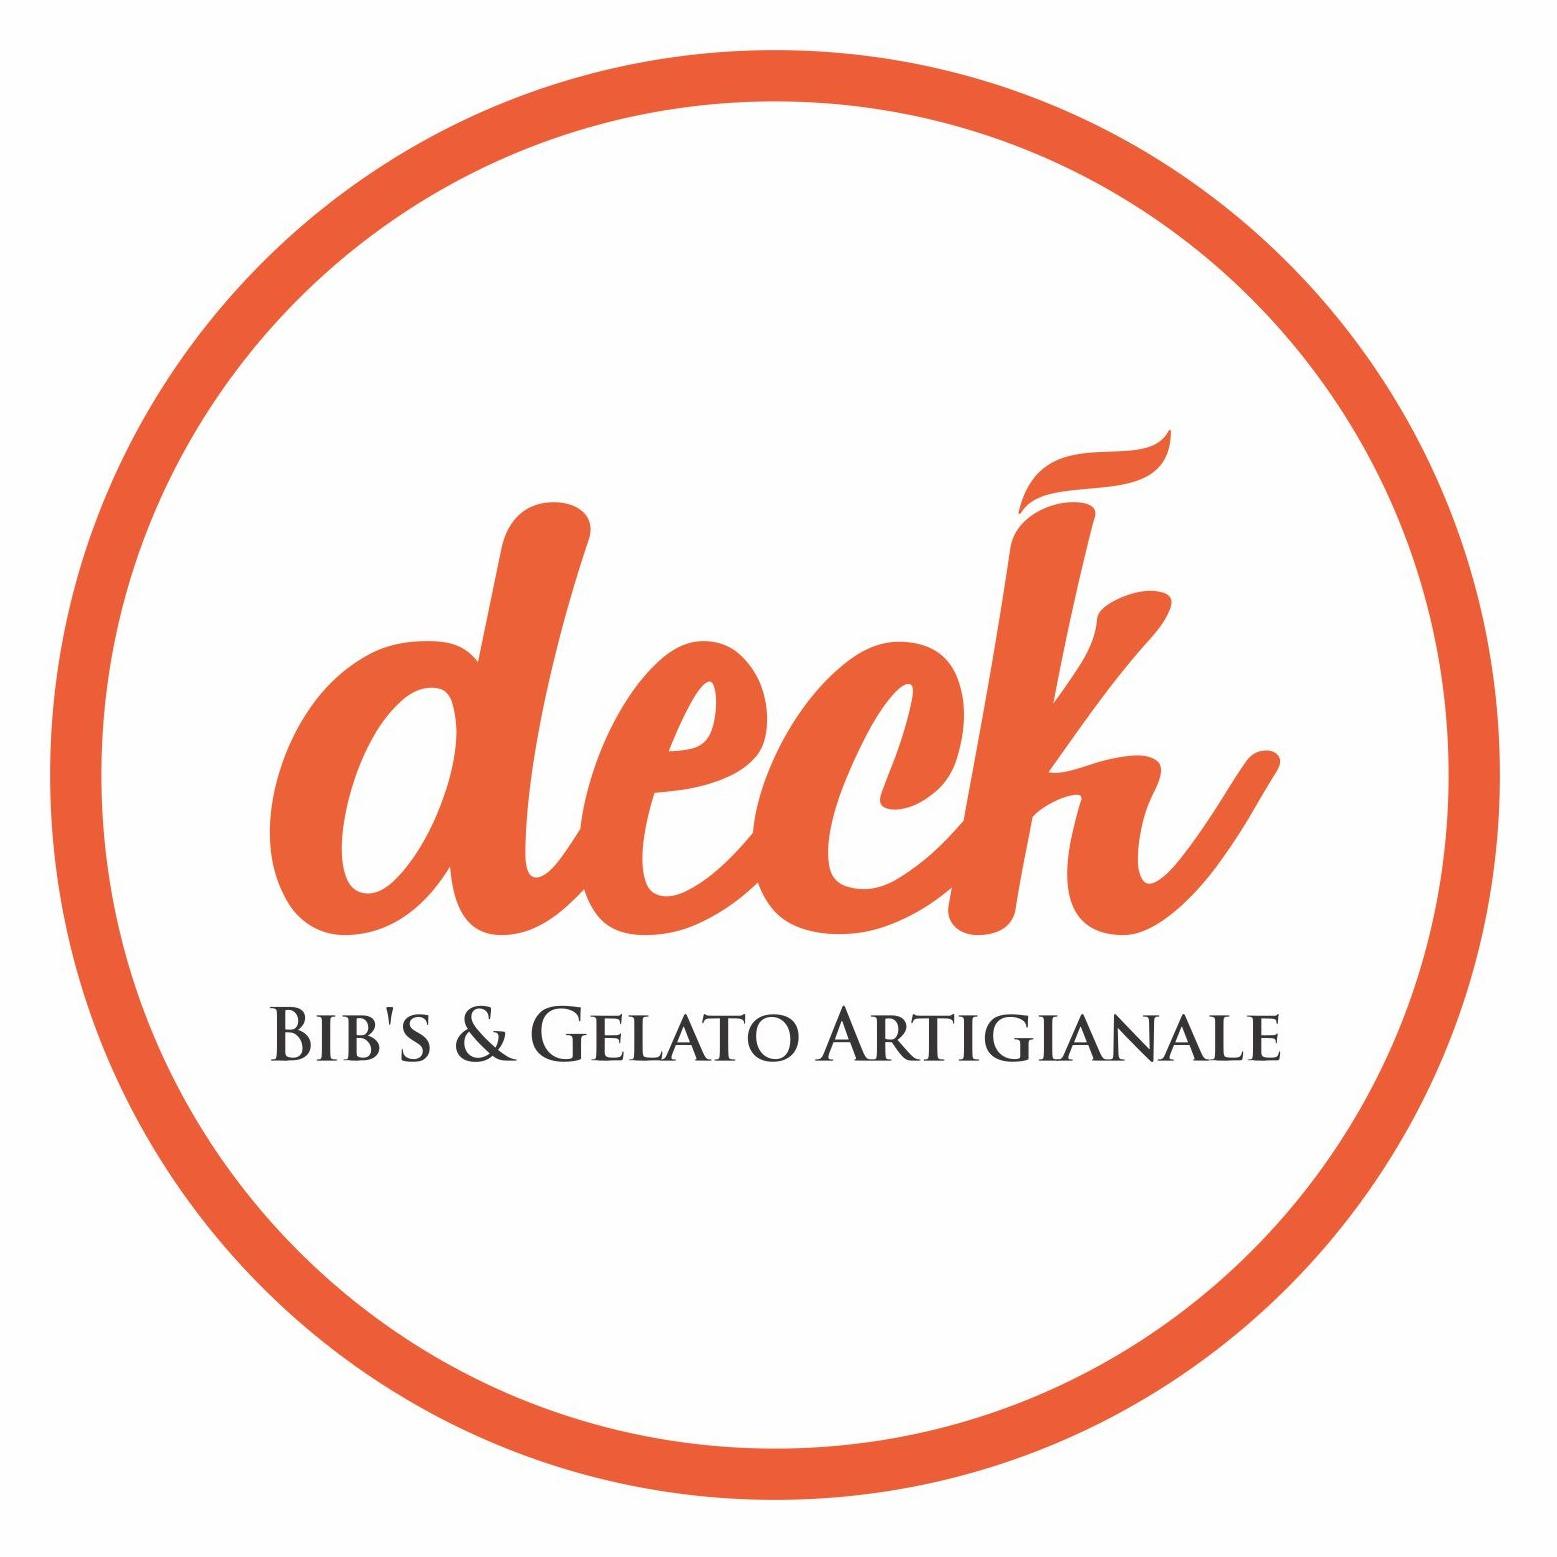 Deck Gelato